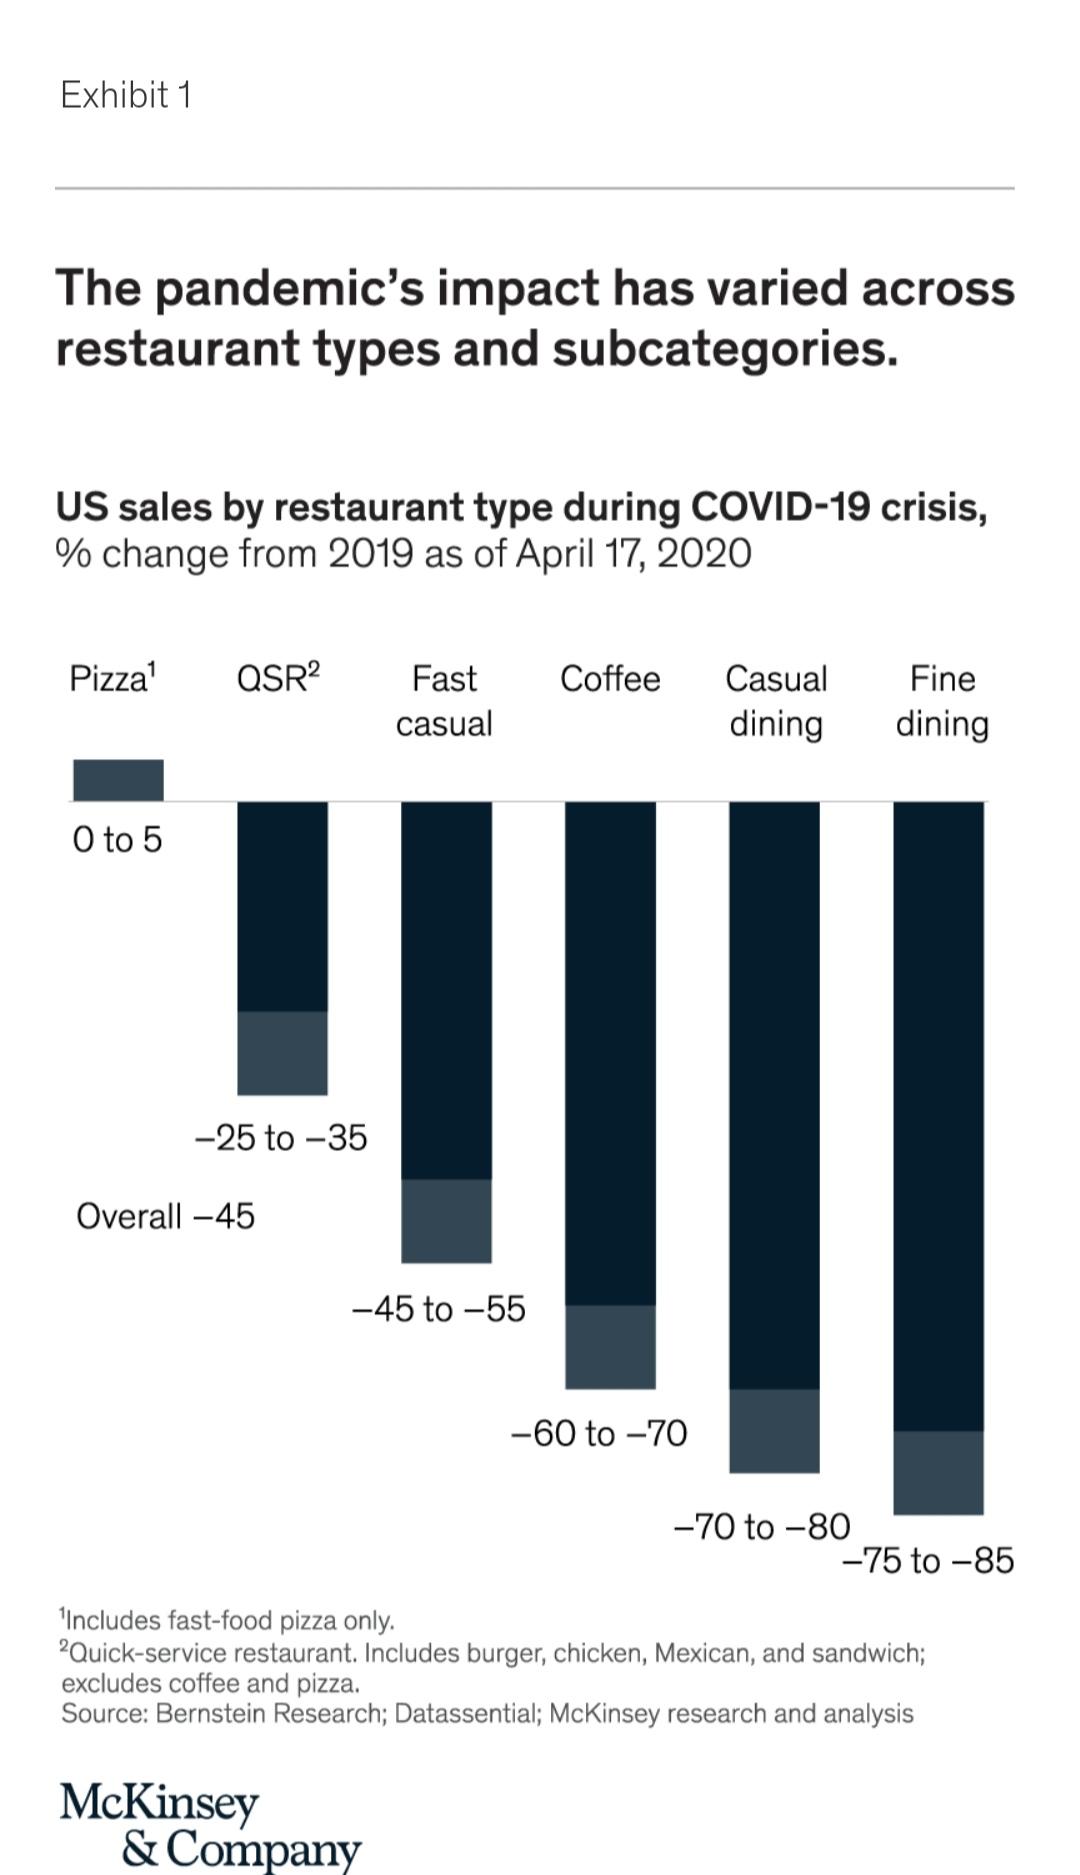 Ảnh hưởng doanh thu của đại dịch đối với các loại hình nhà hàng tại Mỹ.